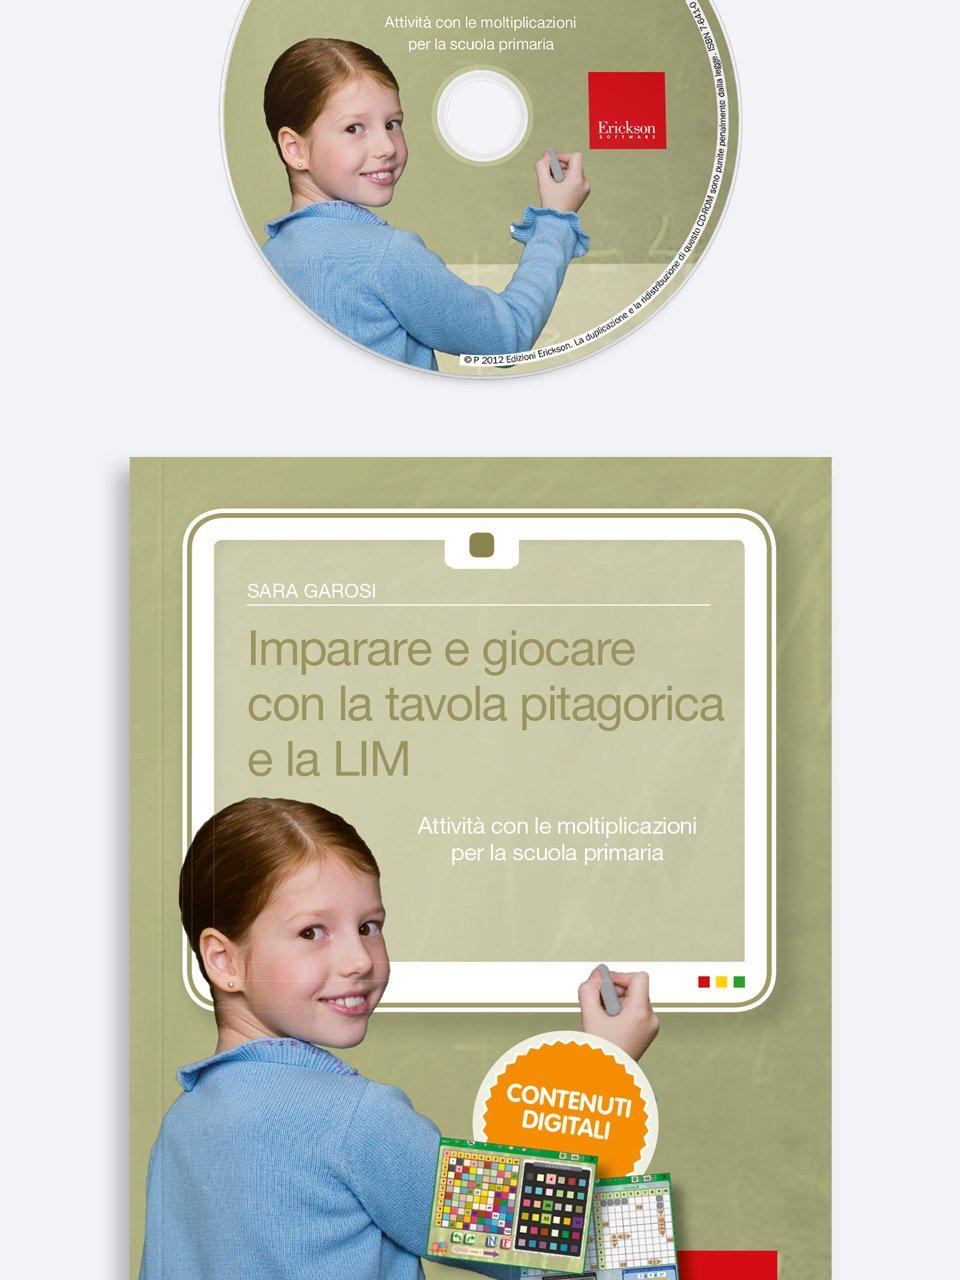 Imparare e giocare con la tavola pitagorica e la L - App e software - Erickson